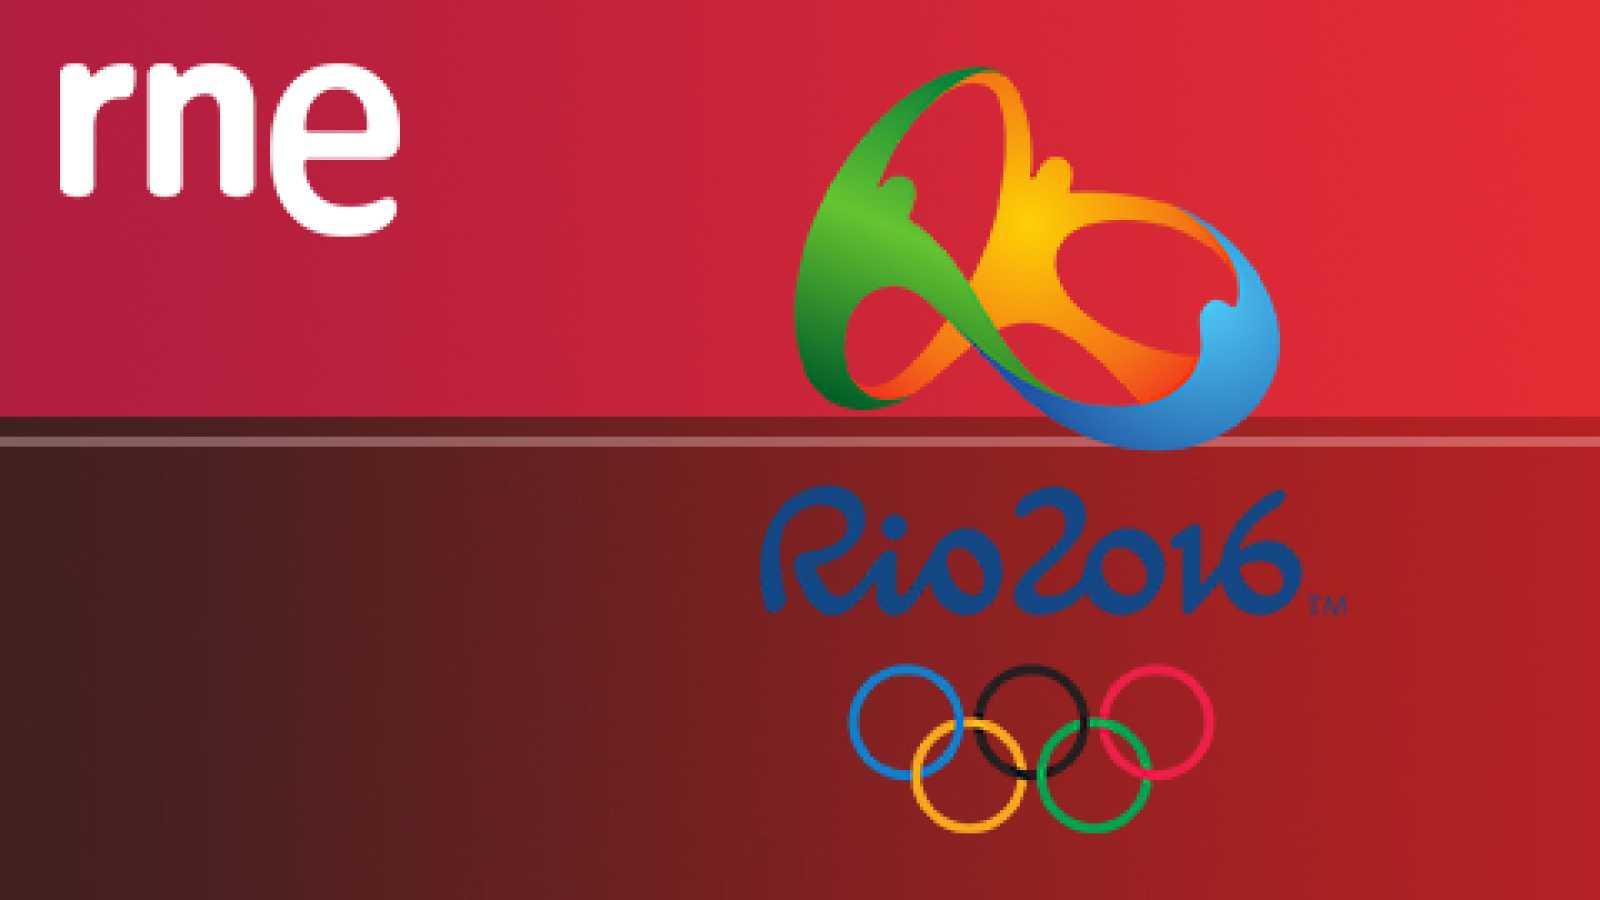 Juegos Olímpicos Río 2016 - 21/08/16 (2) - escuchar ahora